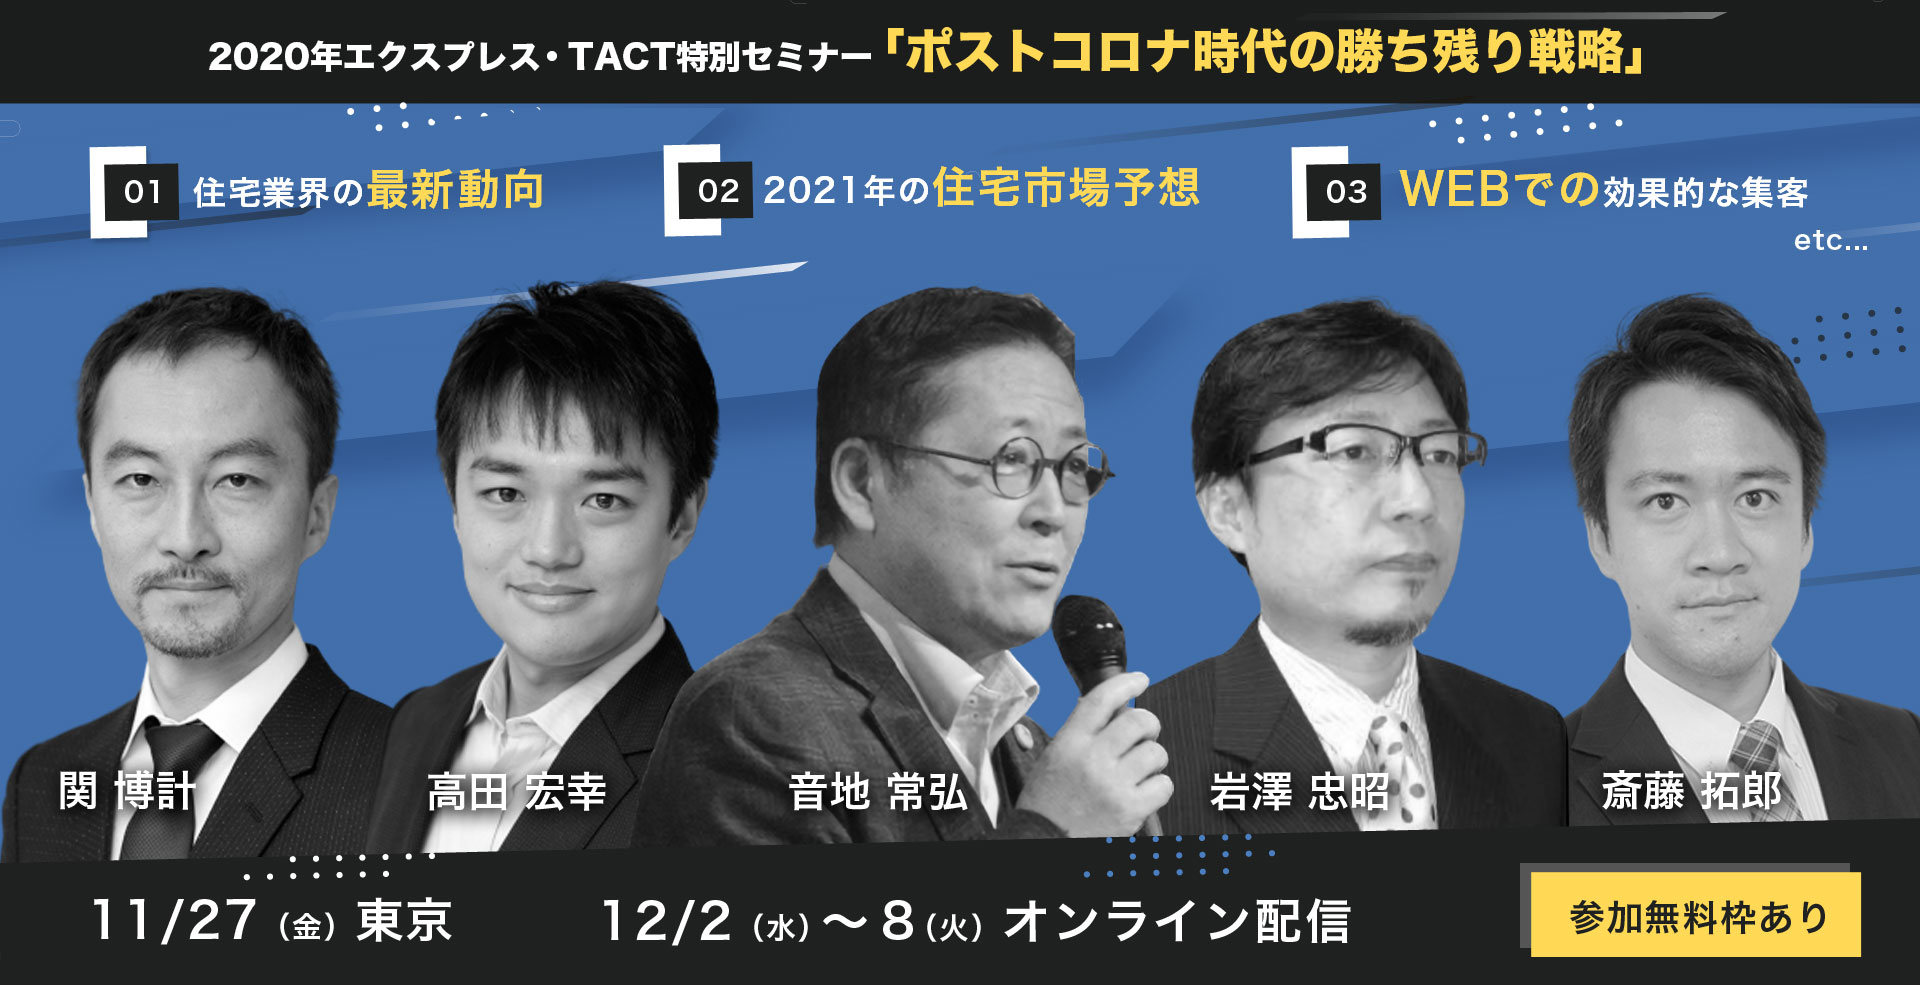 2020年エクスプレス・TACT特別セミナー「ポストコロナ時代の勝ち残り戦略」